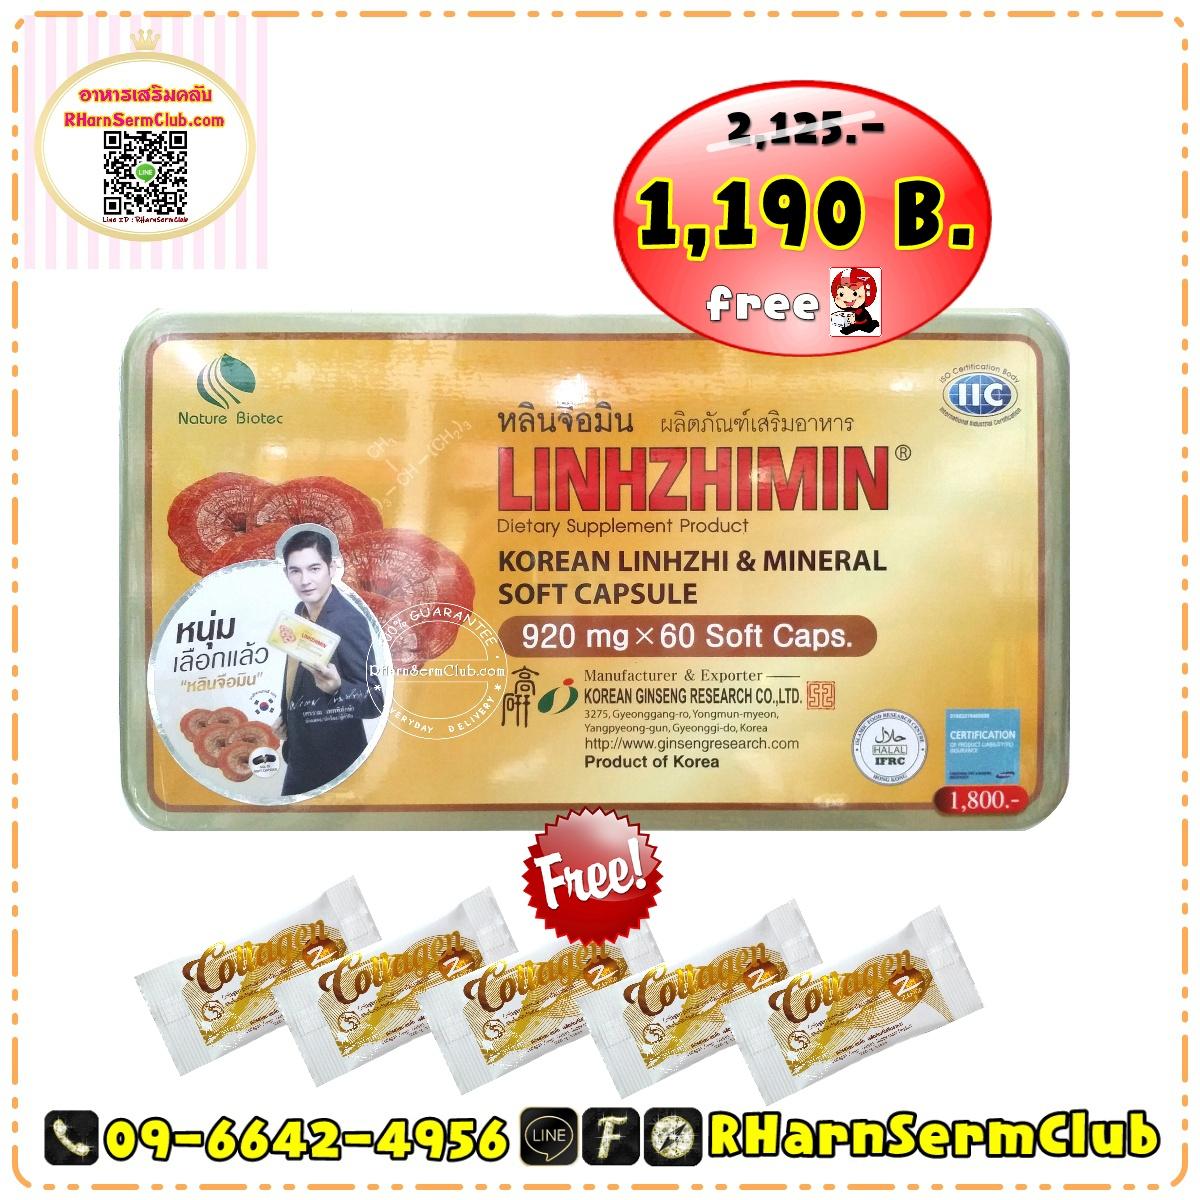 หลินจือมิน (Linhzhimin) 1 กล่อง แถม คอลลาเจนผสมเห็ดหลินจือสกัด เซนโก (Zengo) 5 ซอง หลินจือมินของแท้ ราคาถูก ราคาส่ง ลดเหลือเพียง 1,190 บ. จากปกติ 2,125 บ. ลด 44%